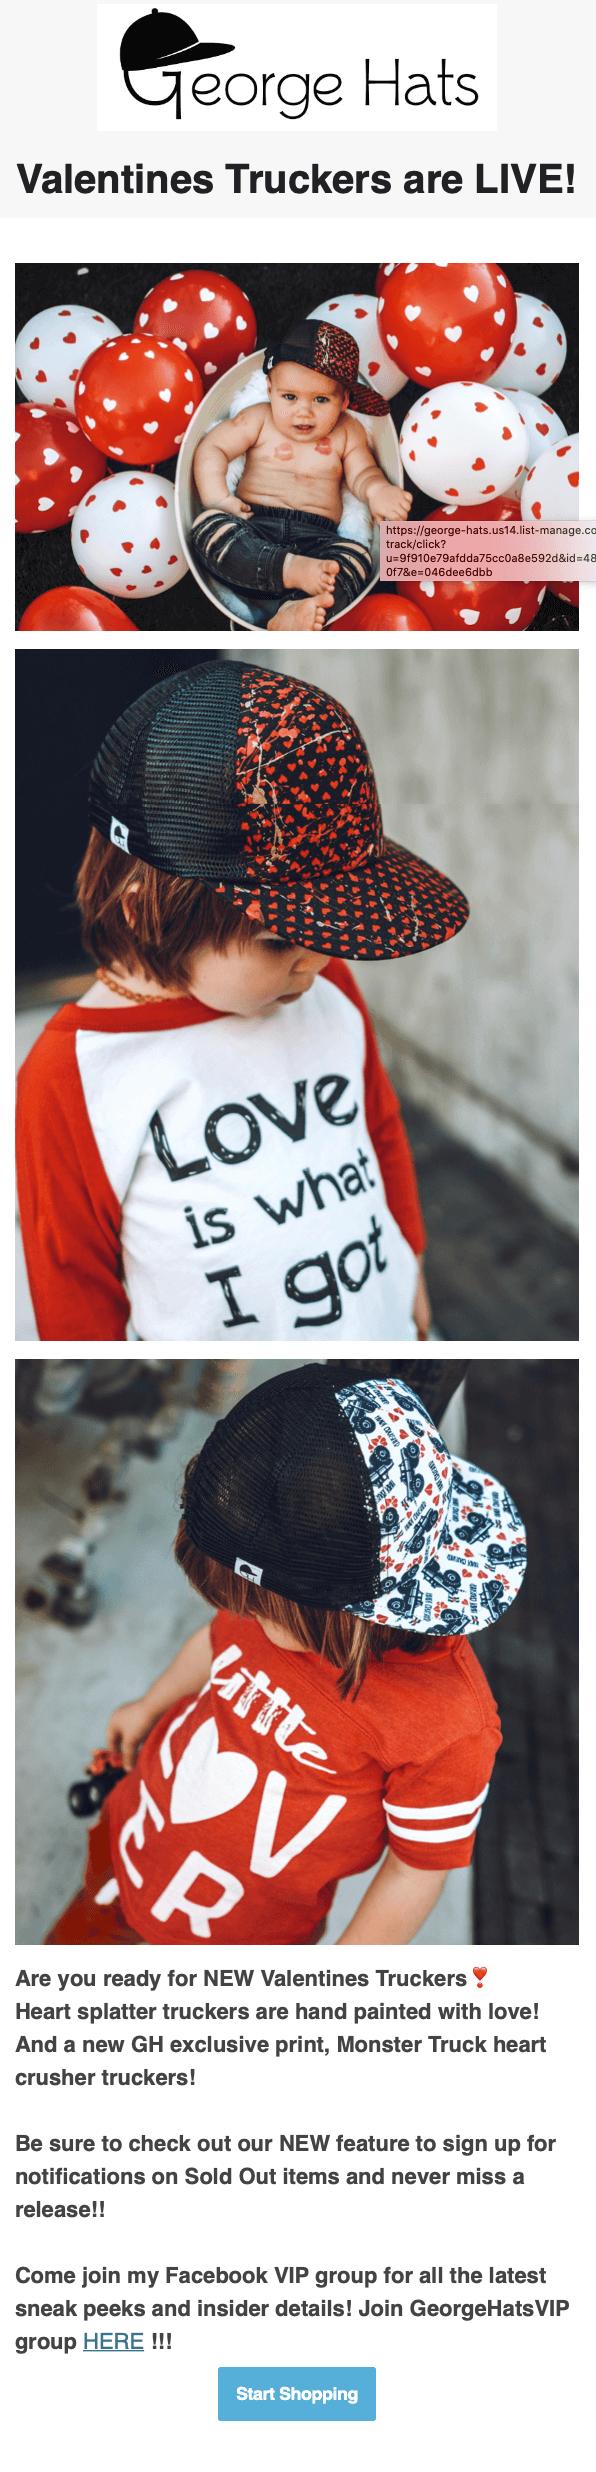 valentines-day-newsletter-georgehats